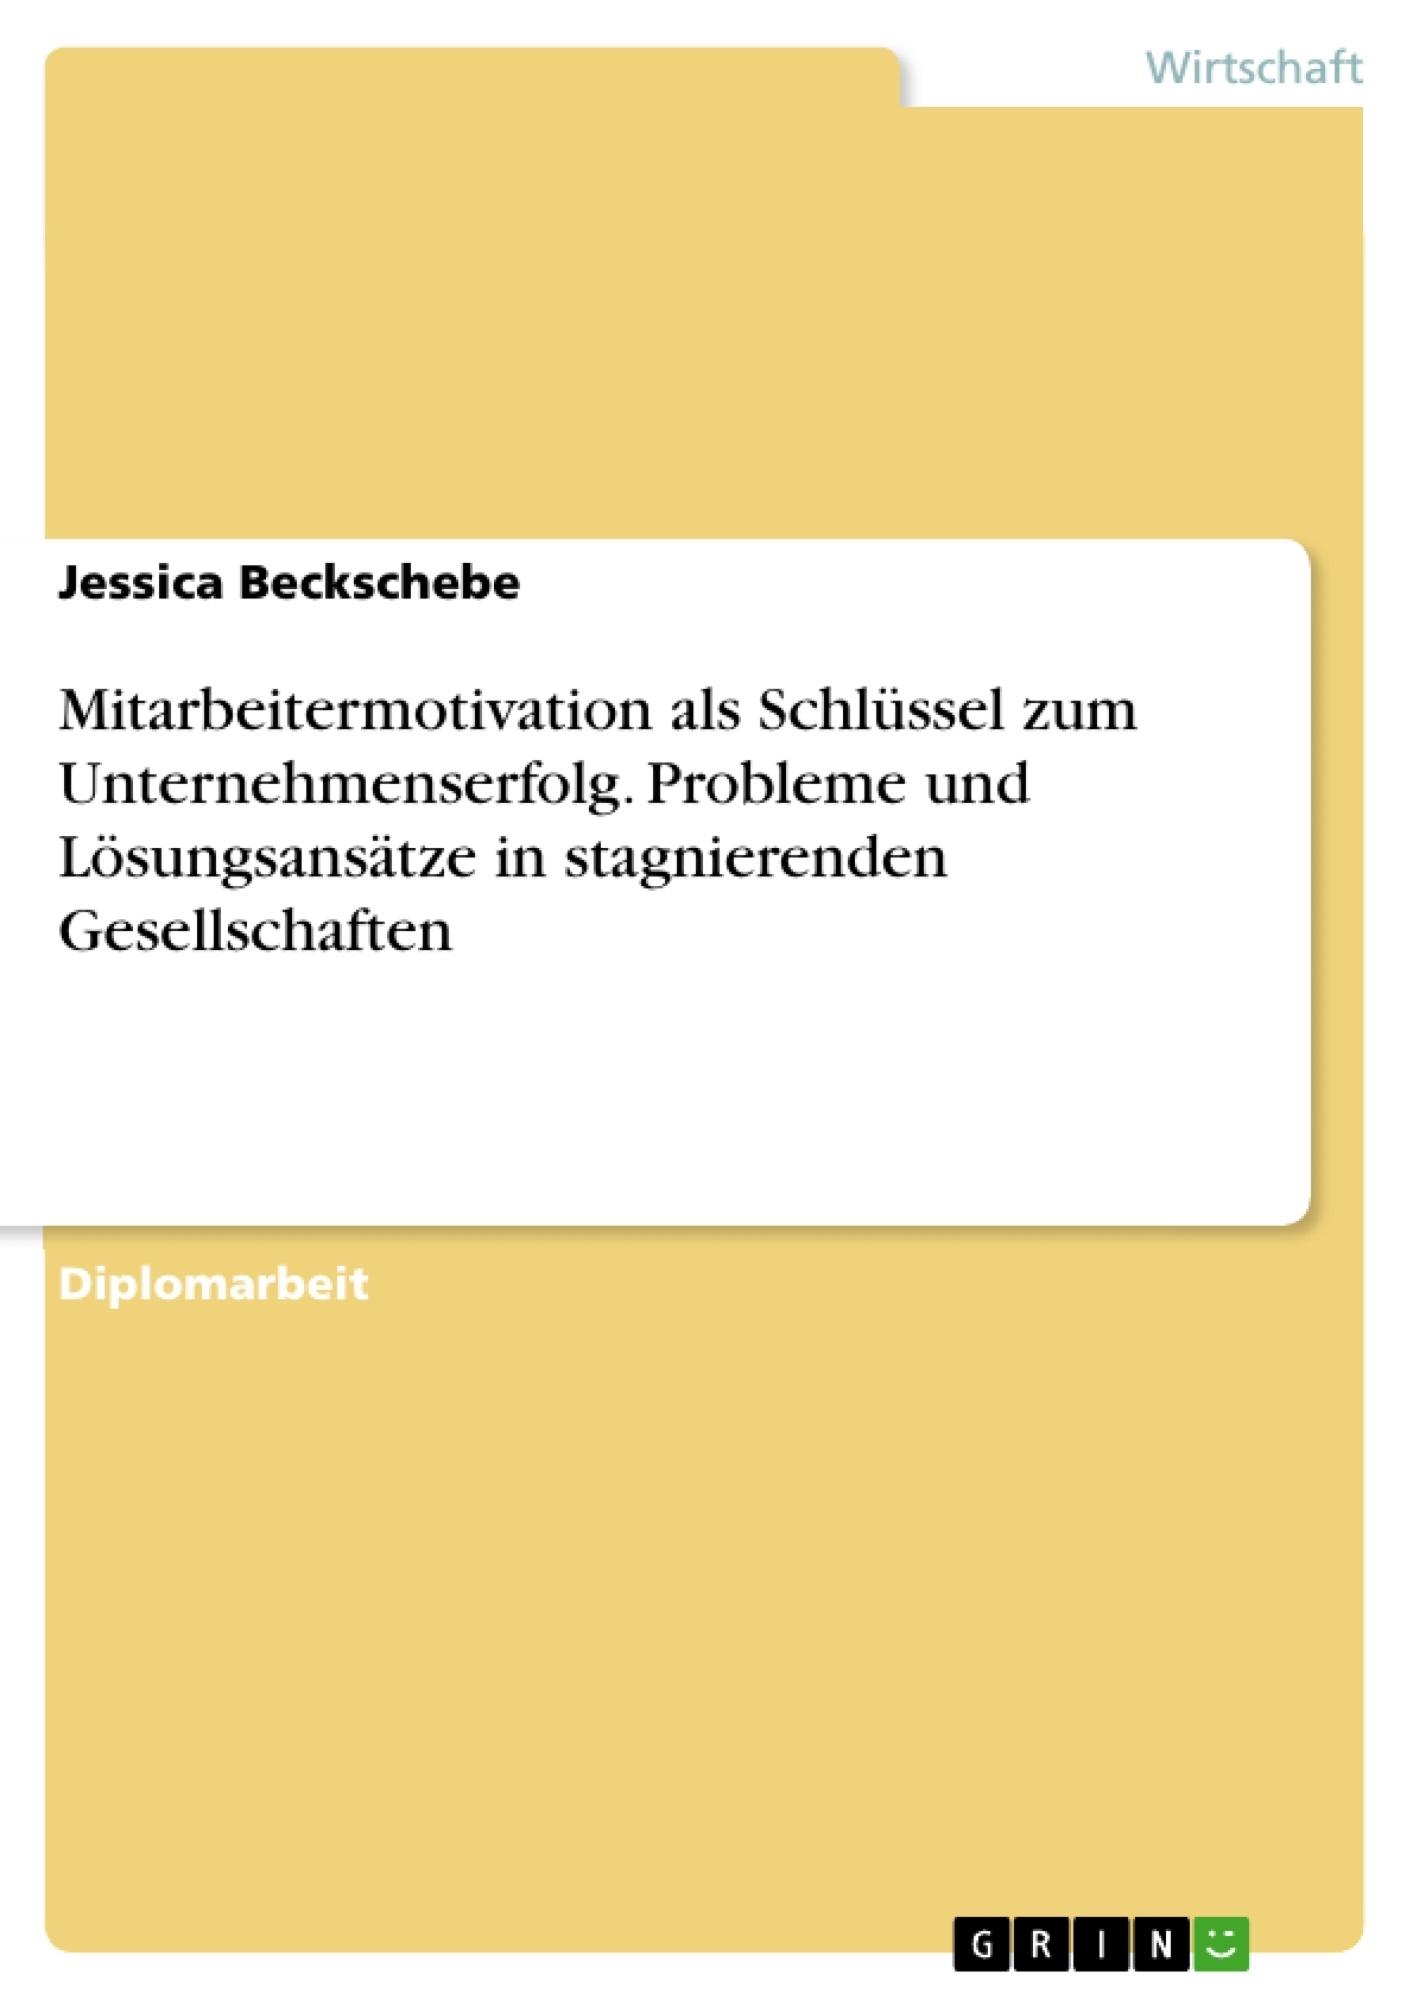 Titel: Mitarbeitermotivation als Schlüssel zum Unternehmenserfolg. Probleme und Lösungsansätze in stagnierenden Gesellschaften